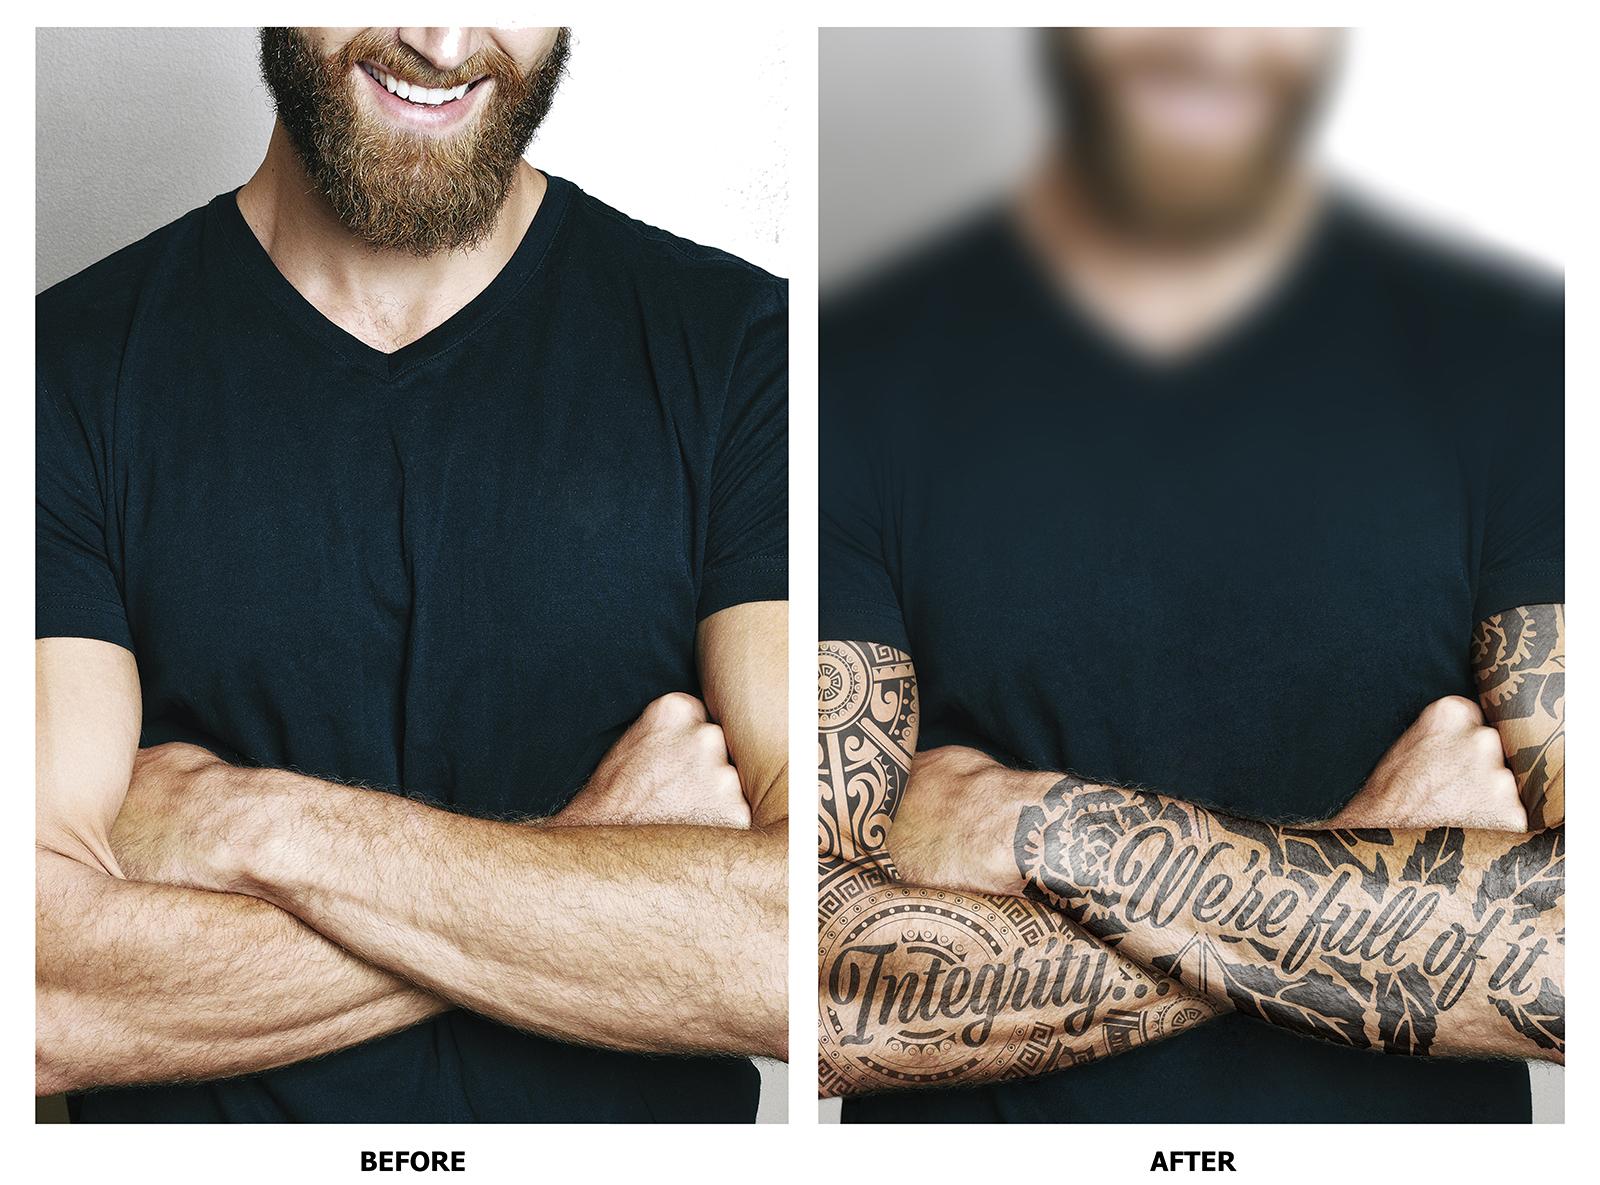 Acorda Therapeutics: Tattoos